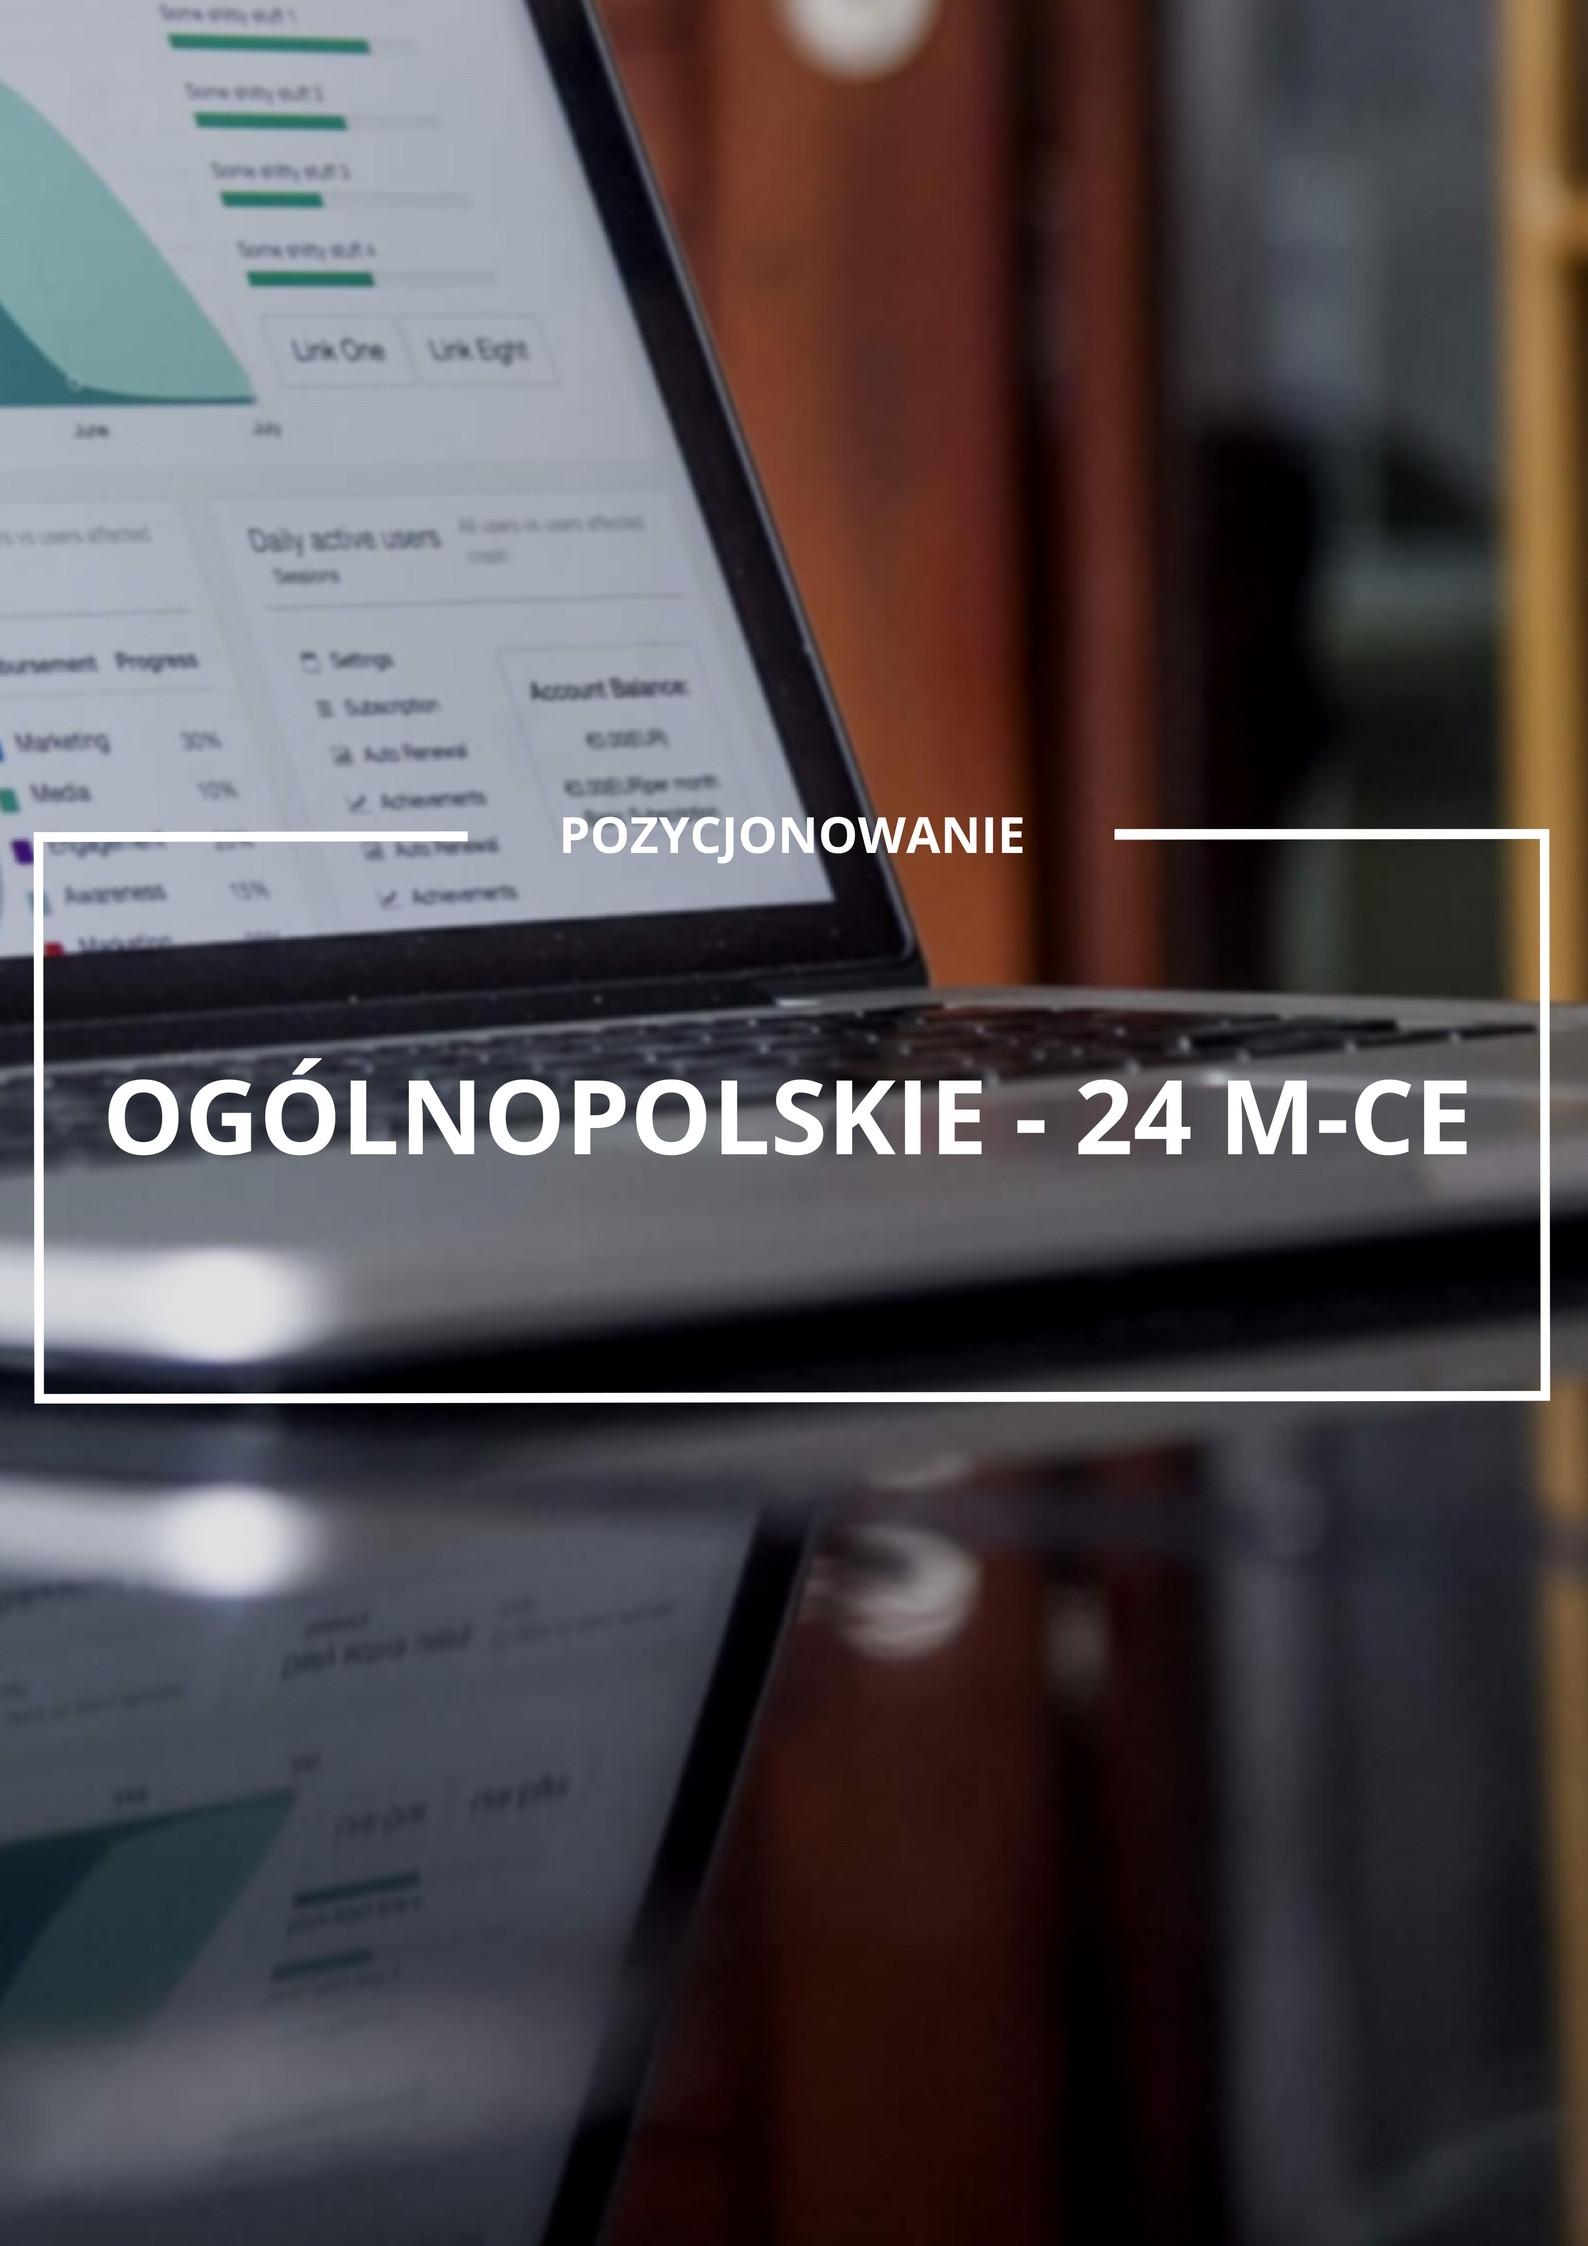 Pozycjonowanie ogólnopolskie 24 m-ce